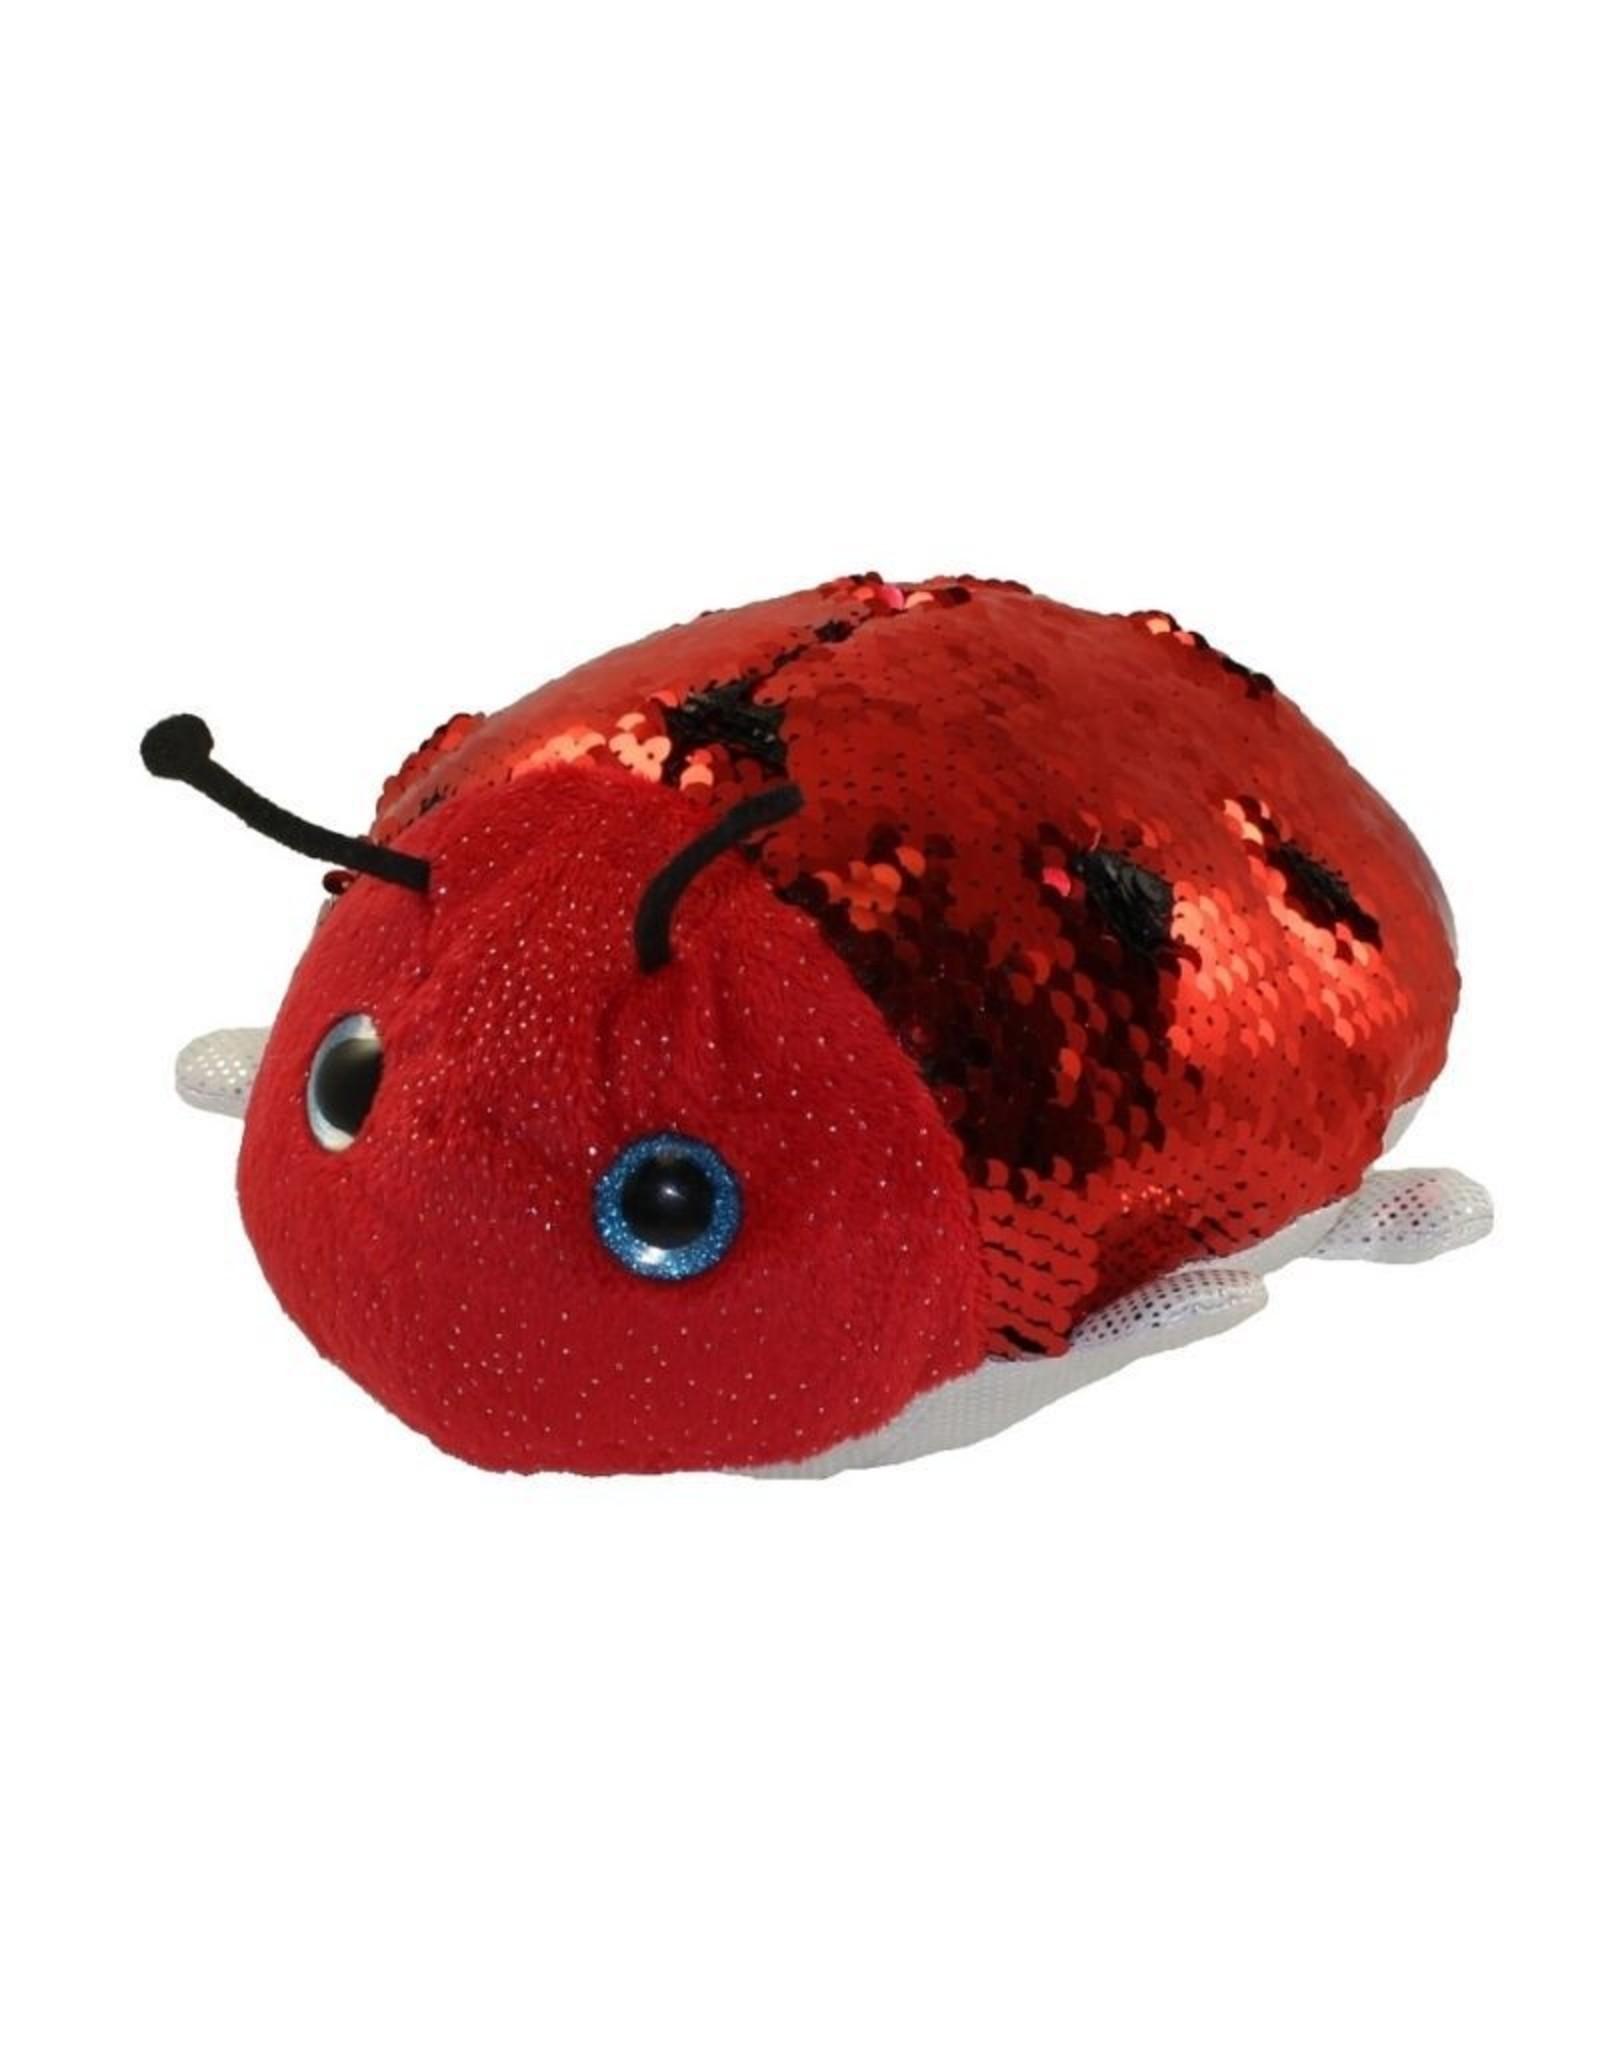 Sequin Ladybug